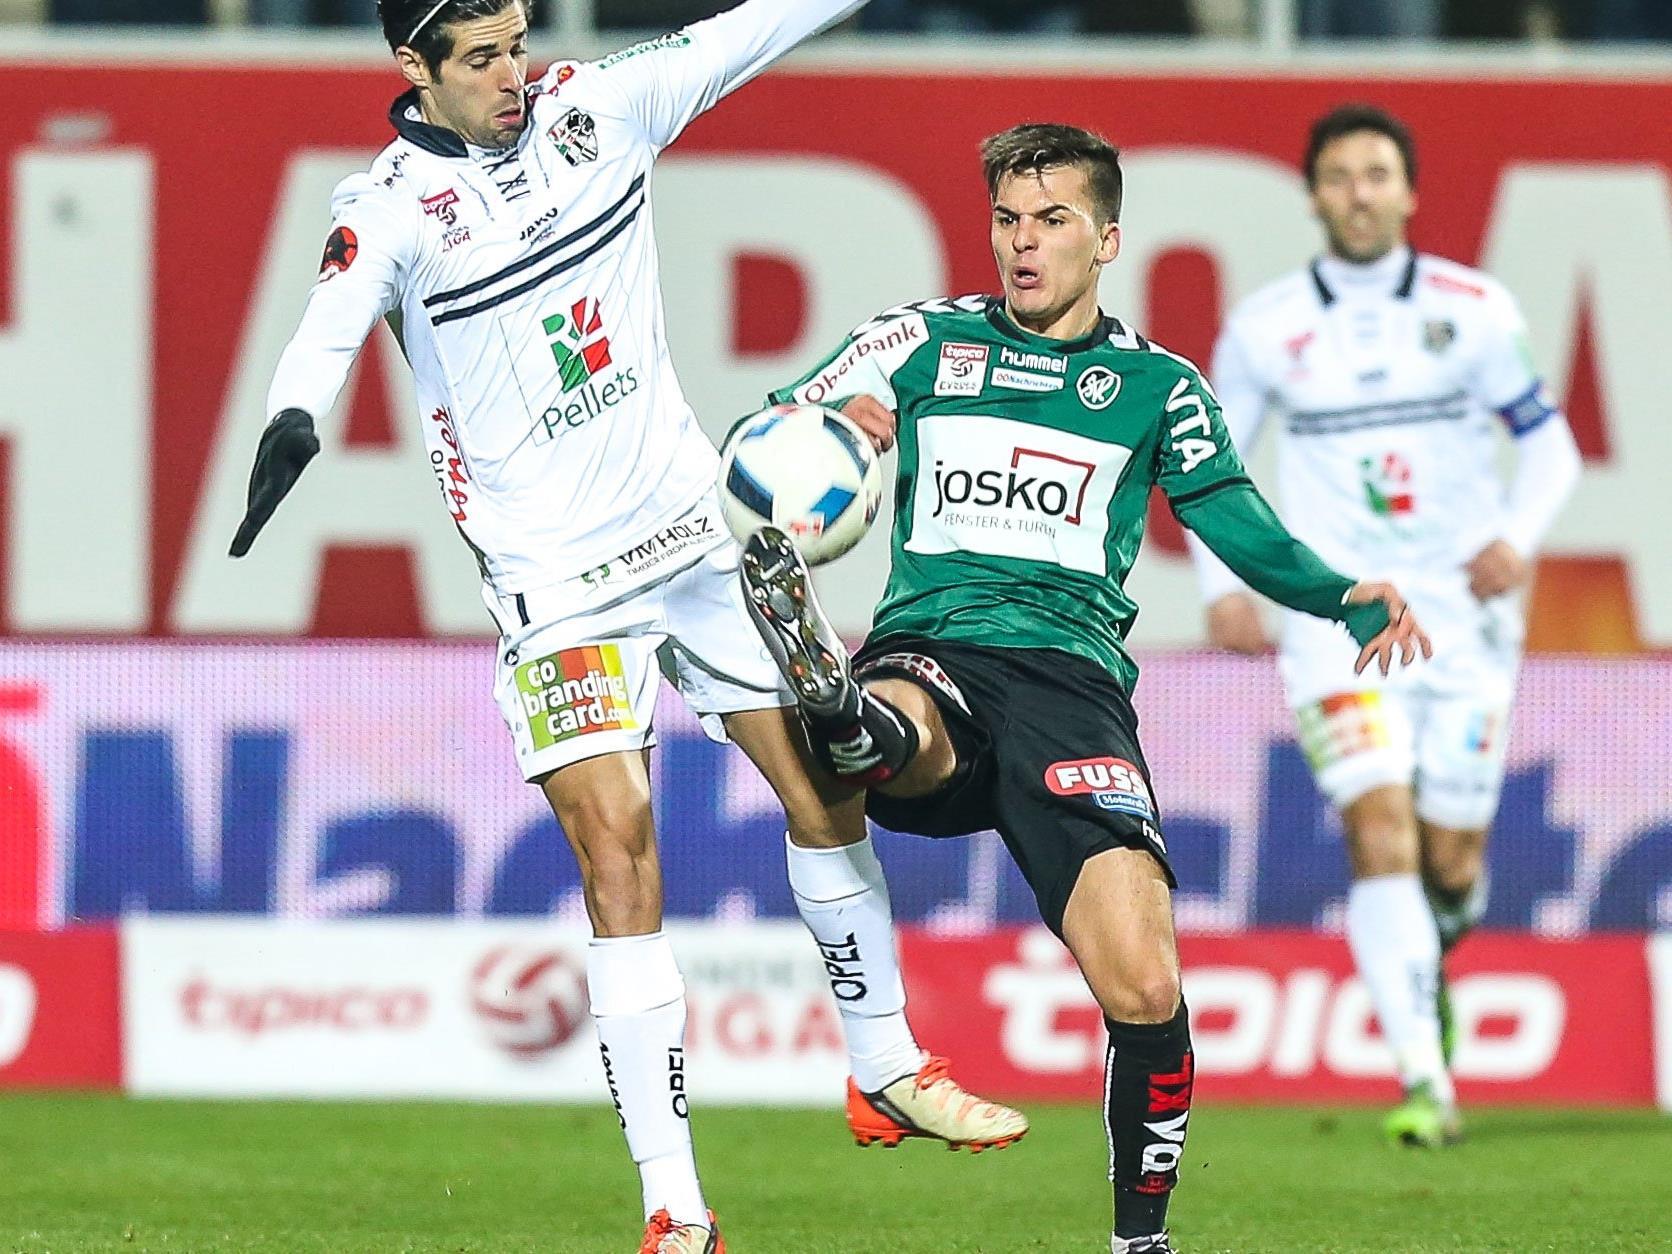 Murg wird in Zukunft für Rapid Wien aufs Feld treten.